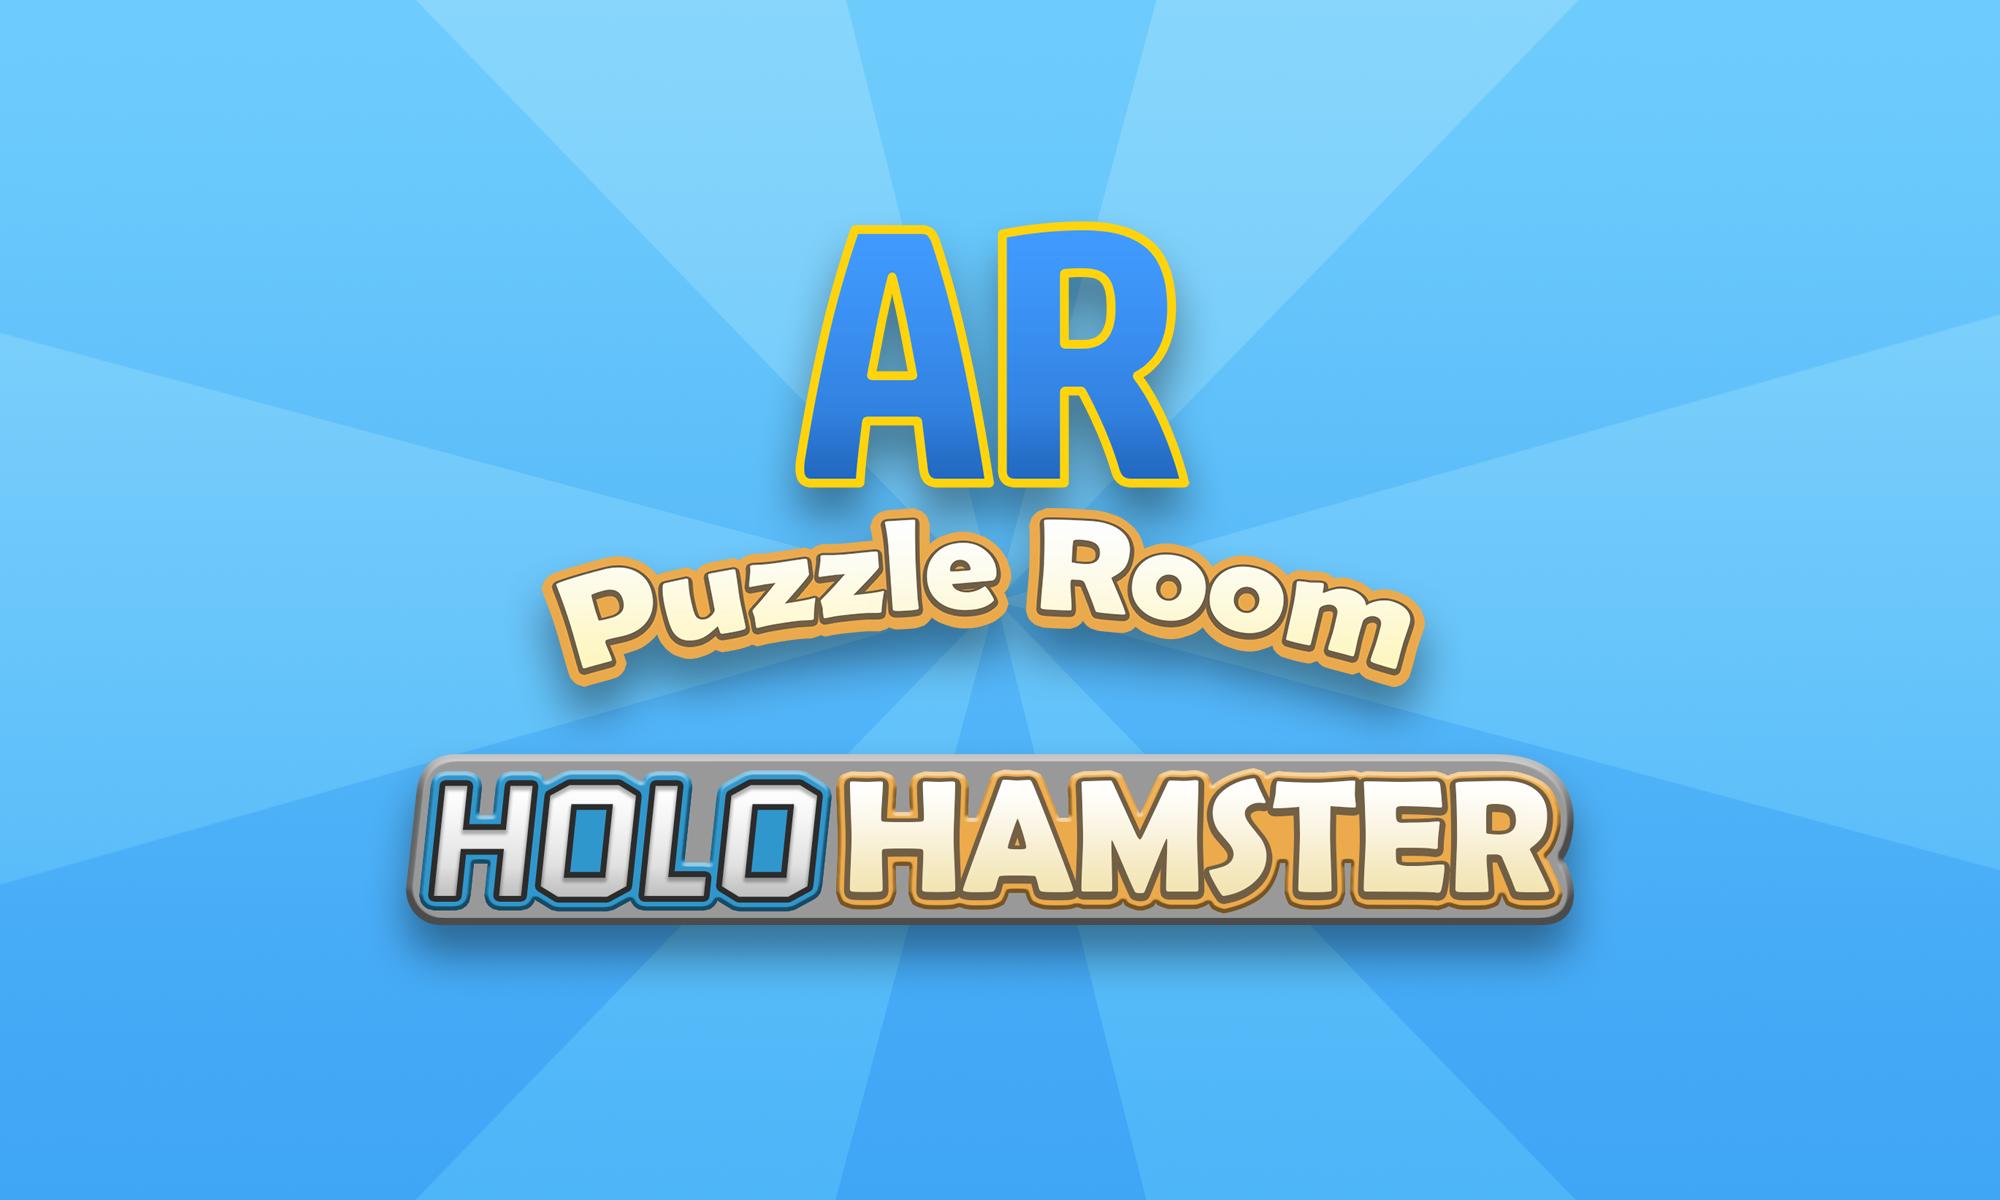 HoloHamster